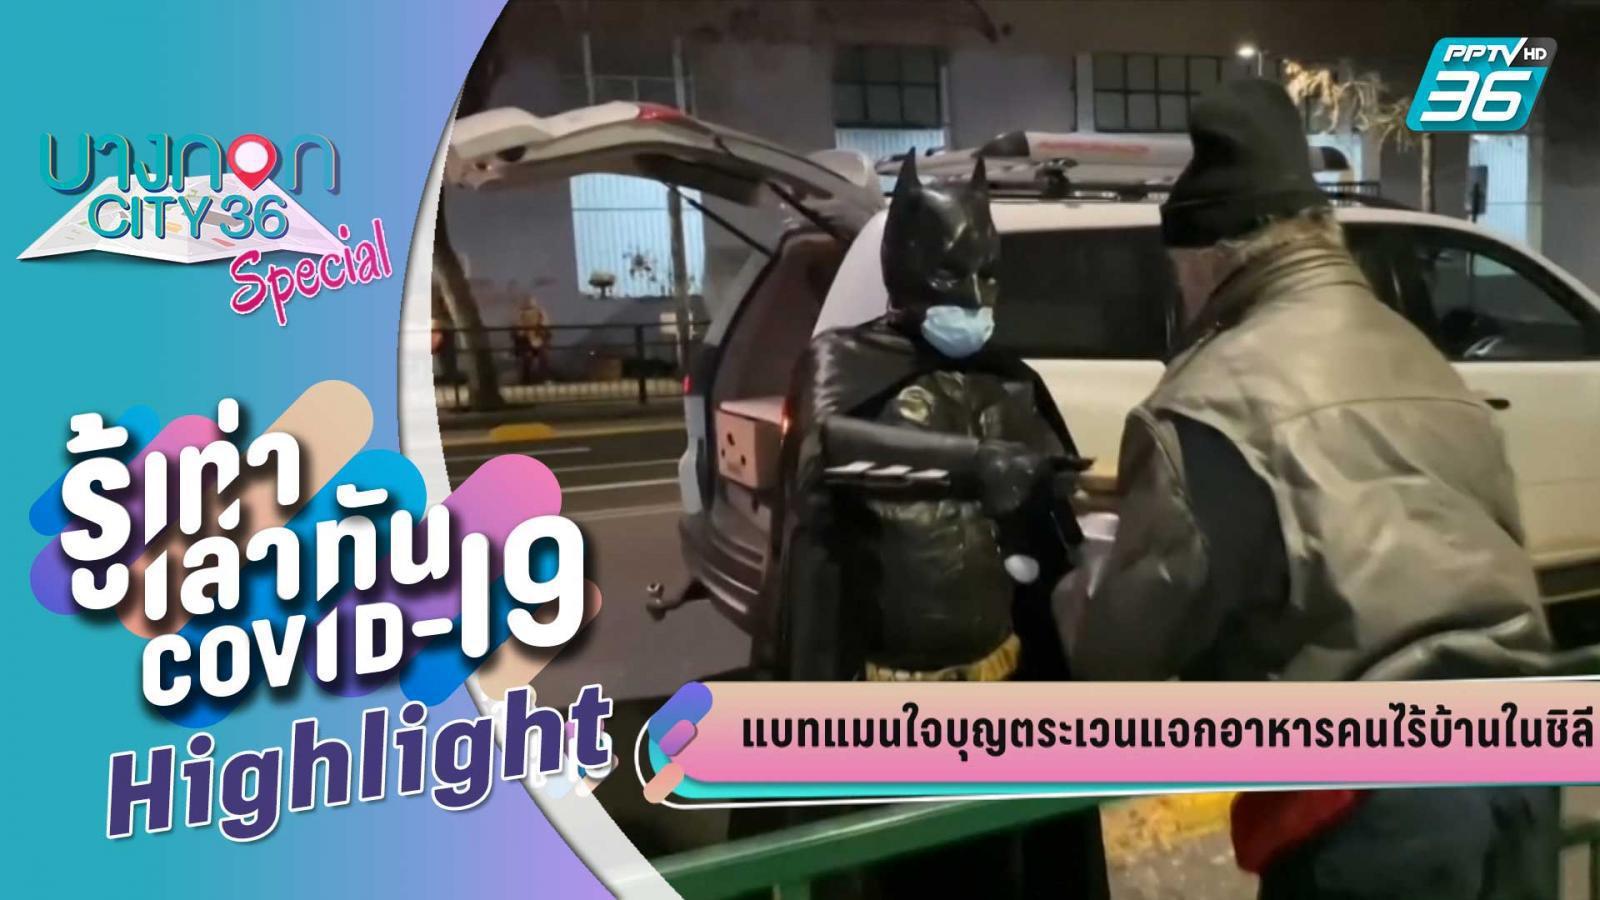 บางกอกซิตี้ เลขที่ 36 | แบทแมนใจบุญ ตระเวนแจกอาหารคนไร้บ้านในชิลี | PPTV HD 36